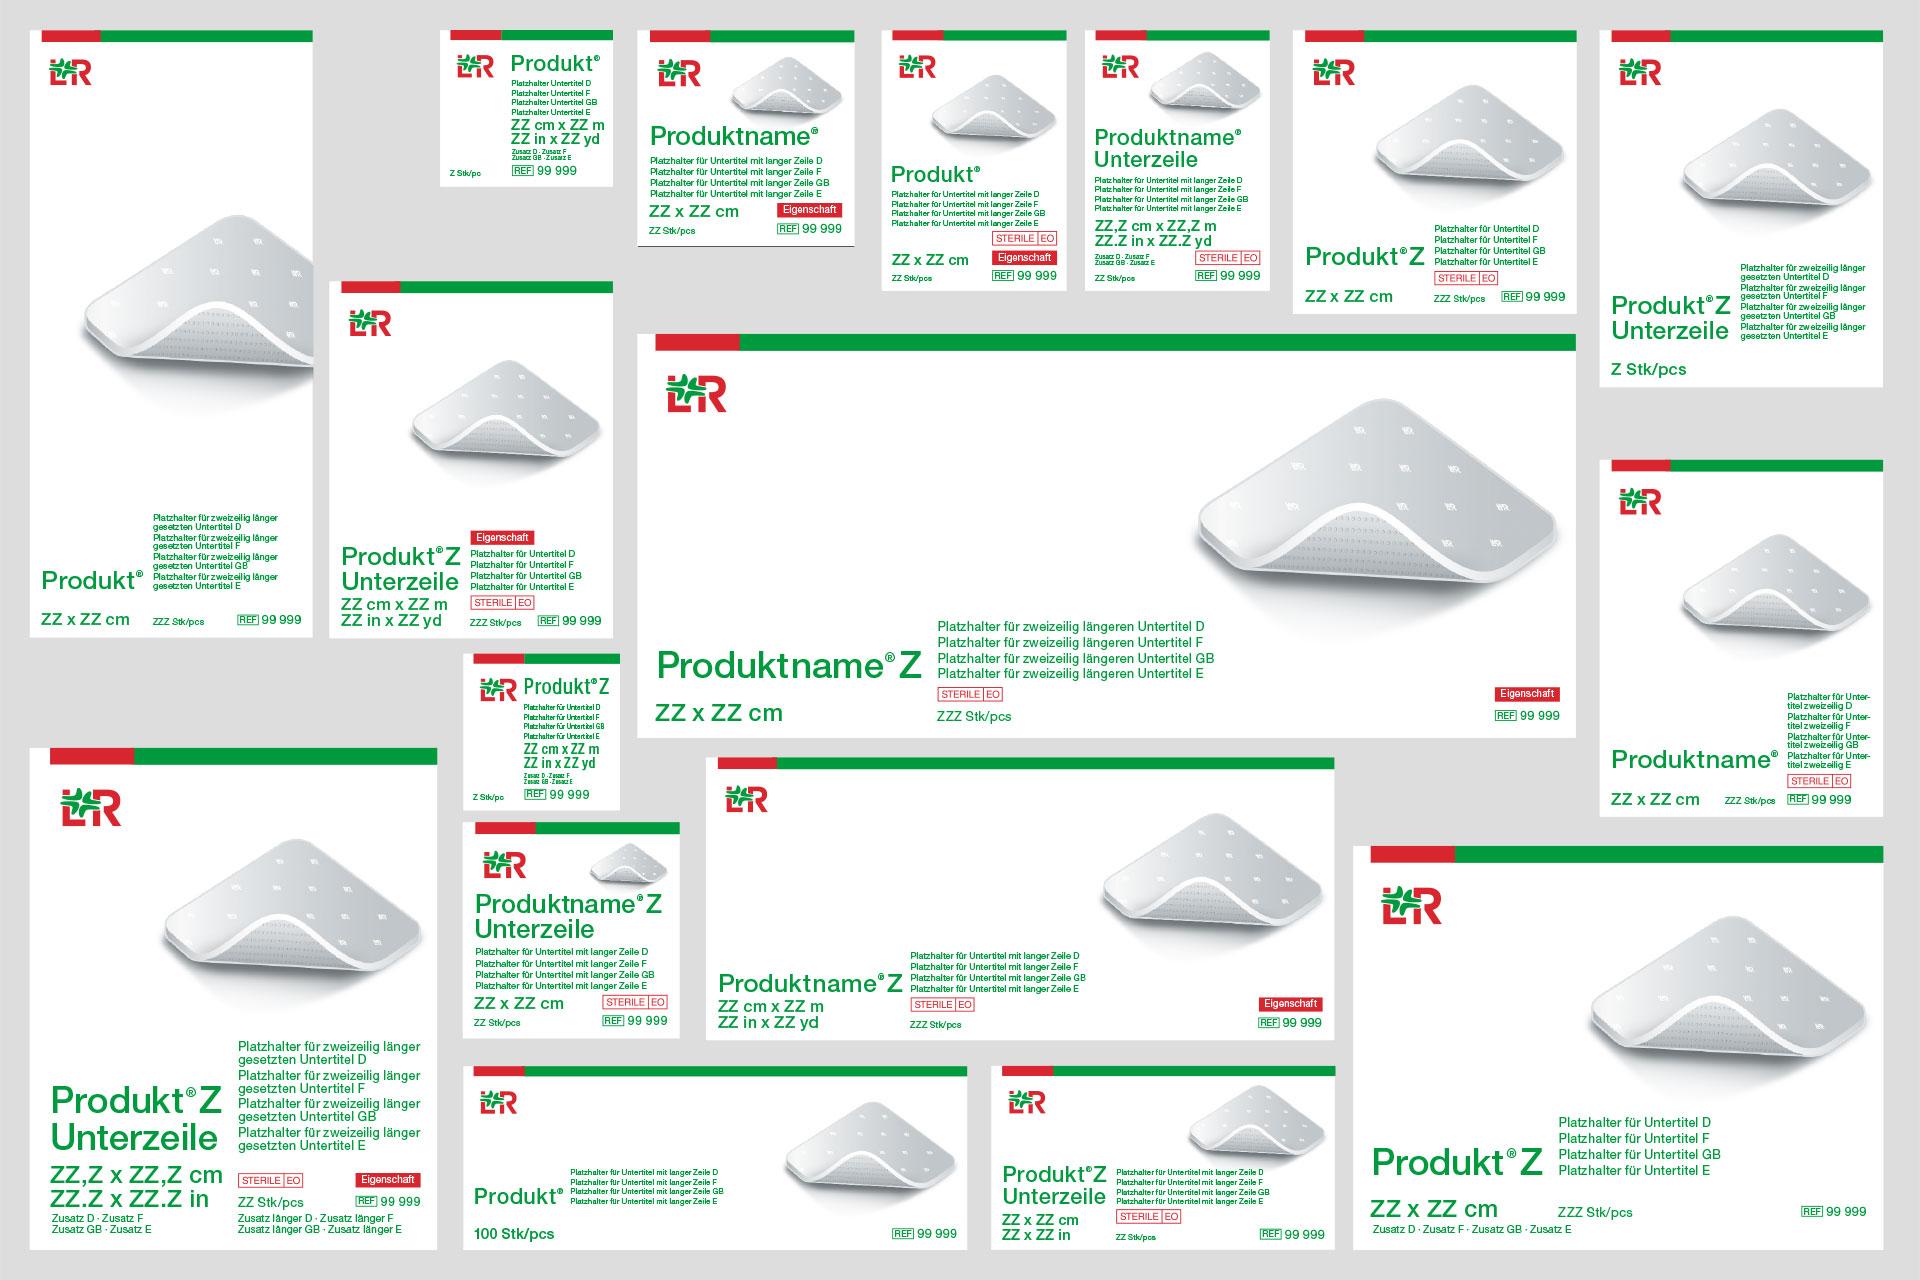 lohmann-rauscher verpackungsdesign